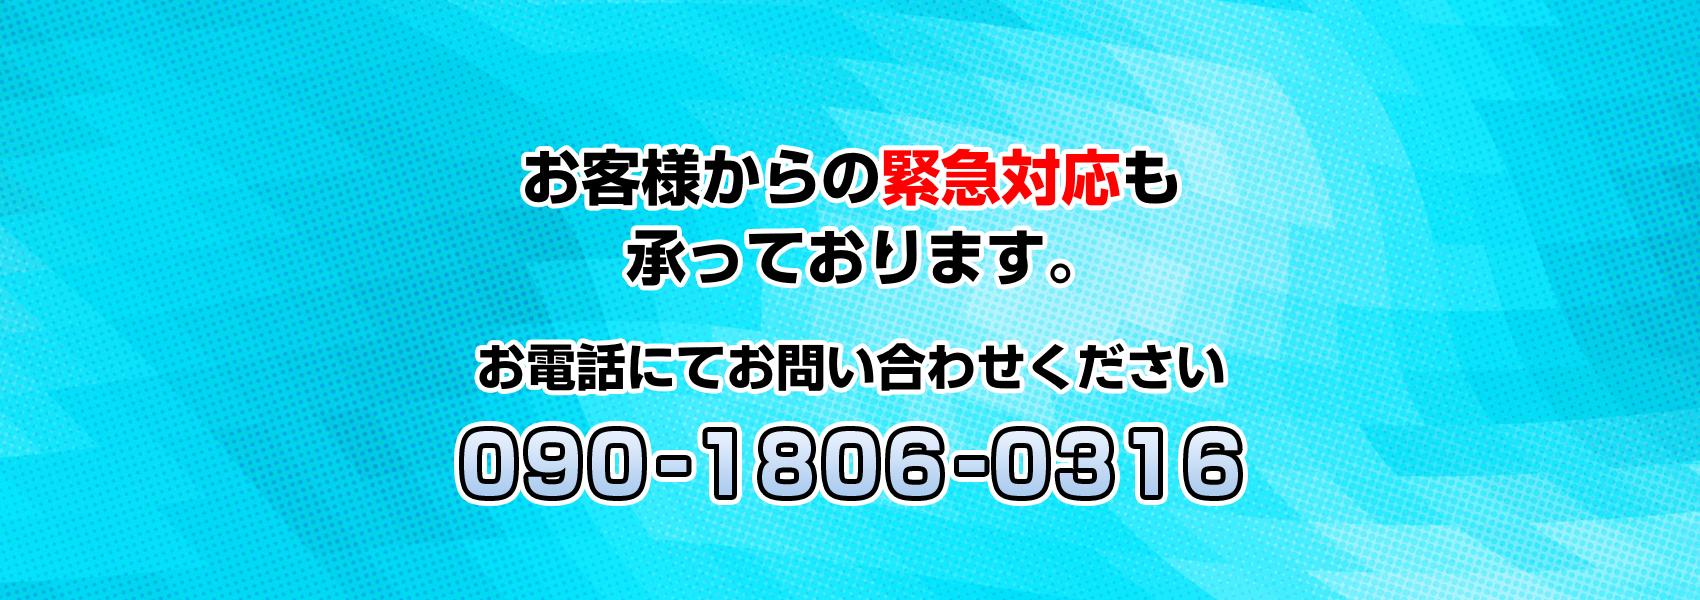 お客様からの緊急対応も承っております。お電話にてお問い合わせください 045-516-5000